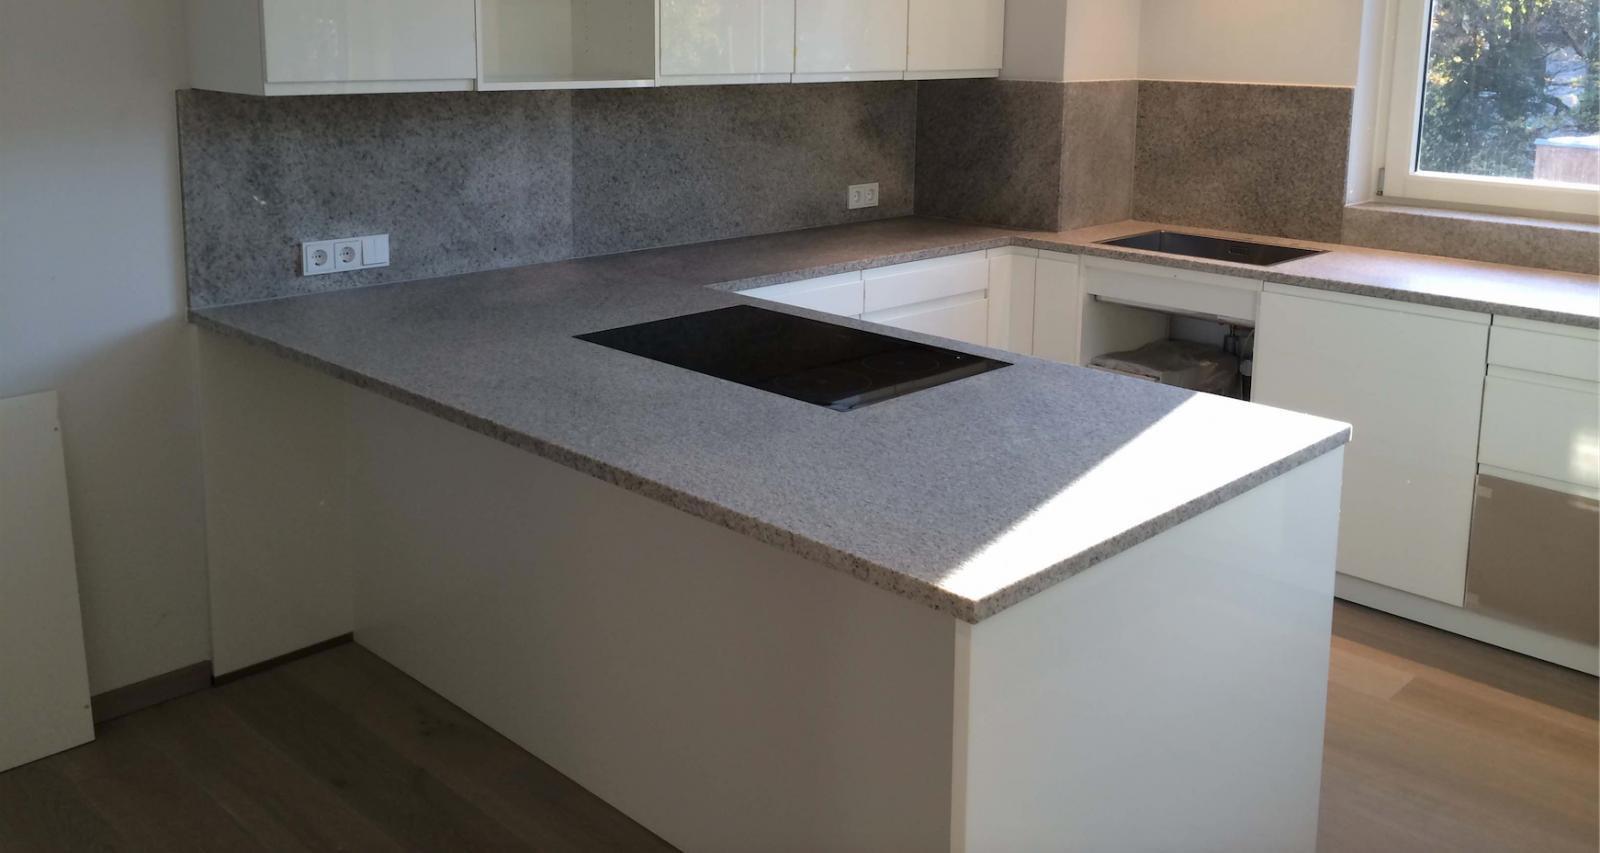 Küche Arbeitsplatte  Küchenarbeitsplatten aus Naturstein Keramik oder Kunststein